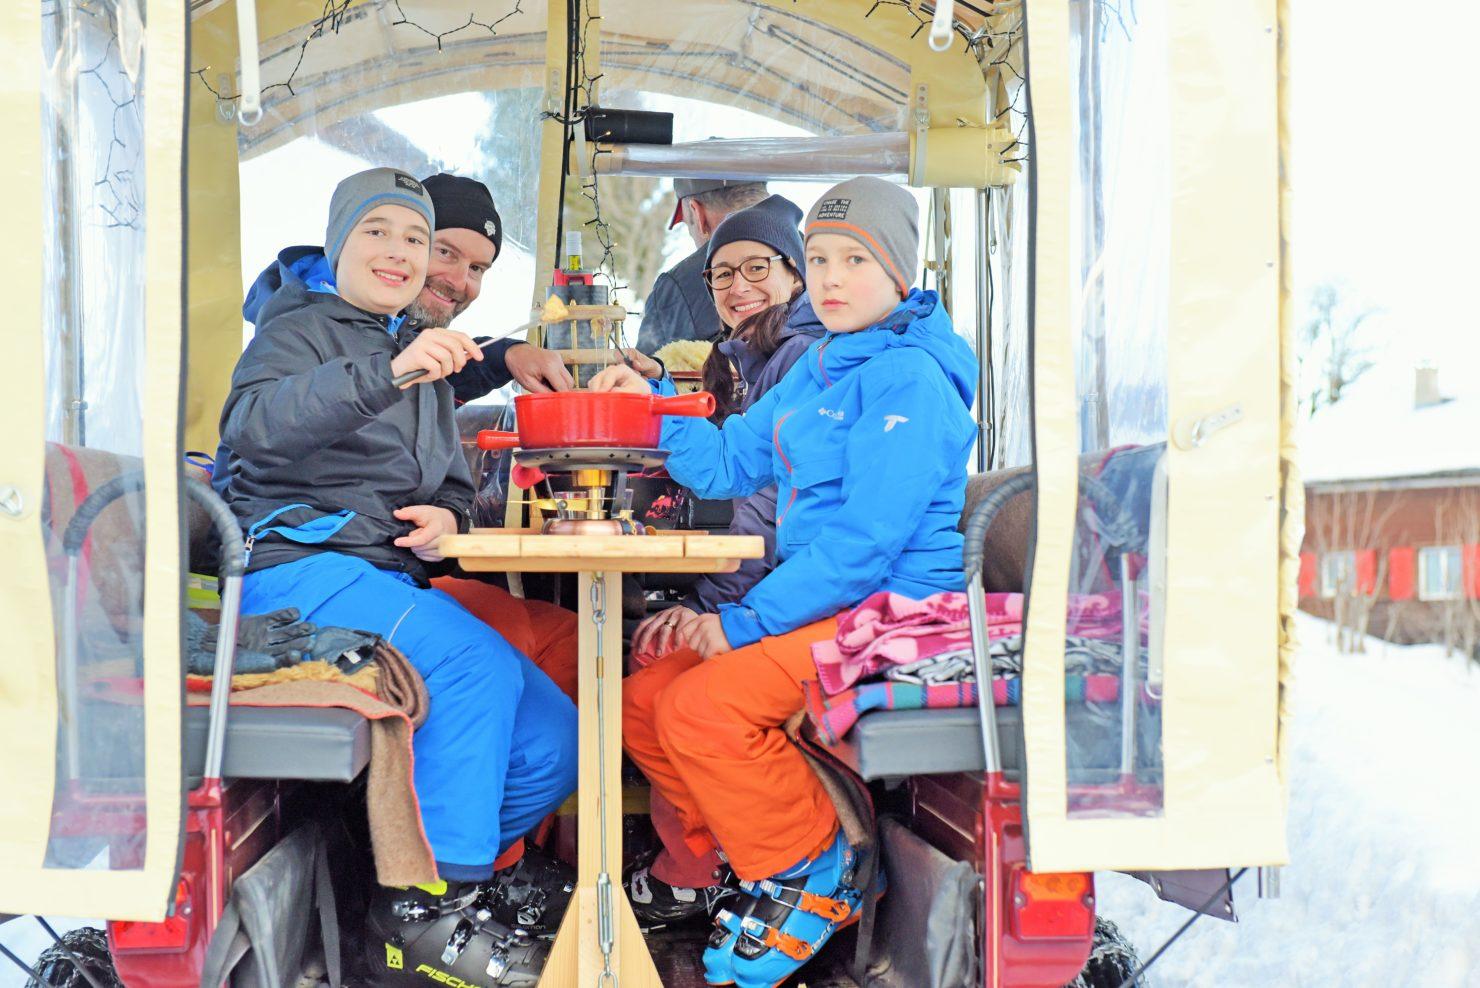 Familien Skiferien Braunwald Fonduekutsche